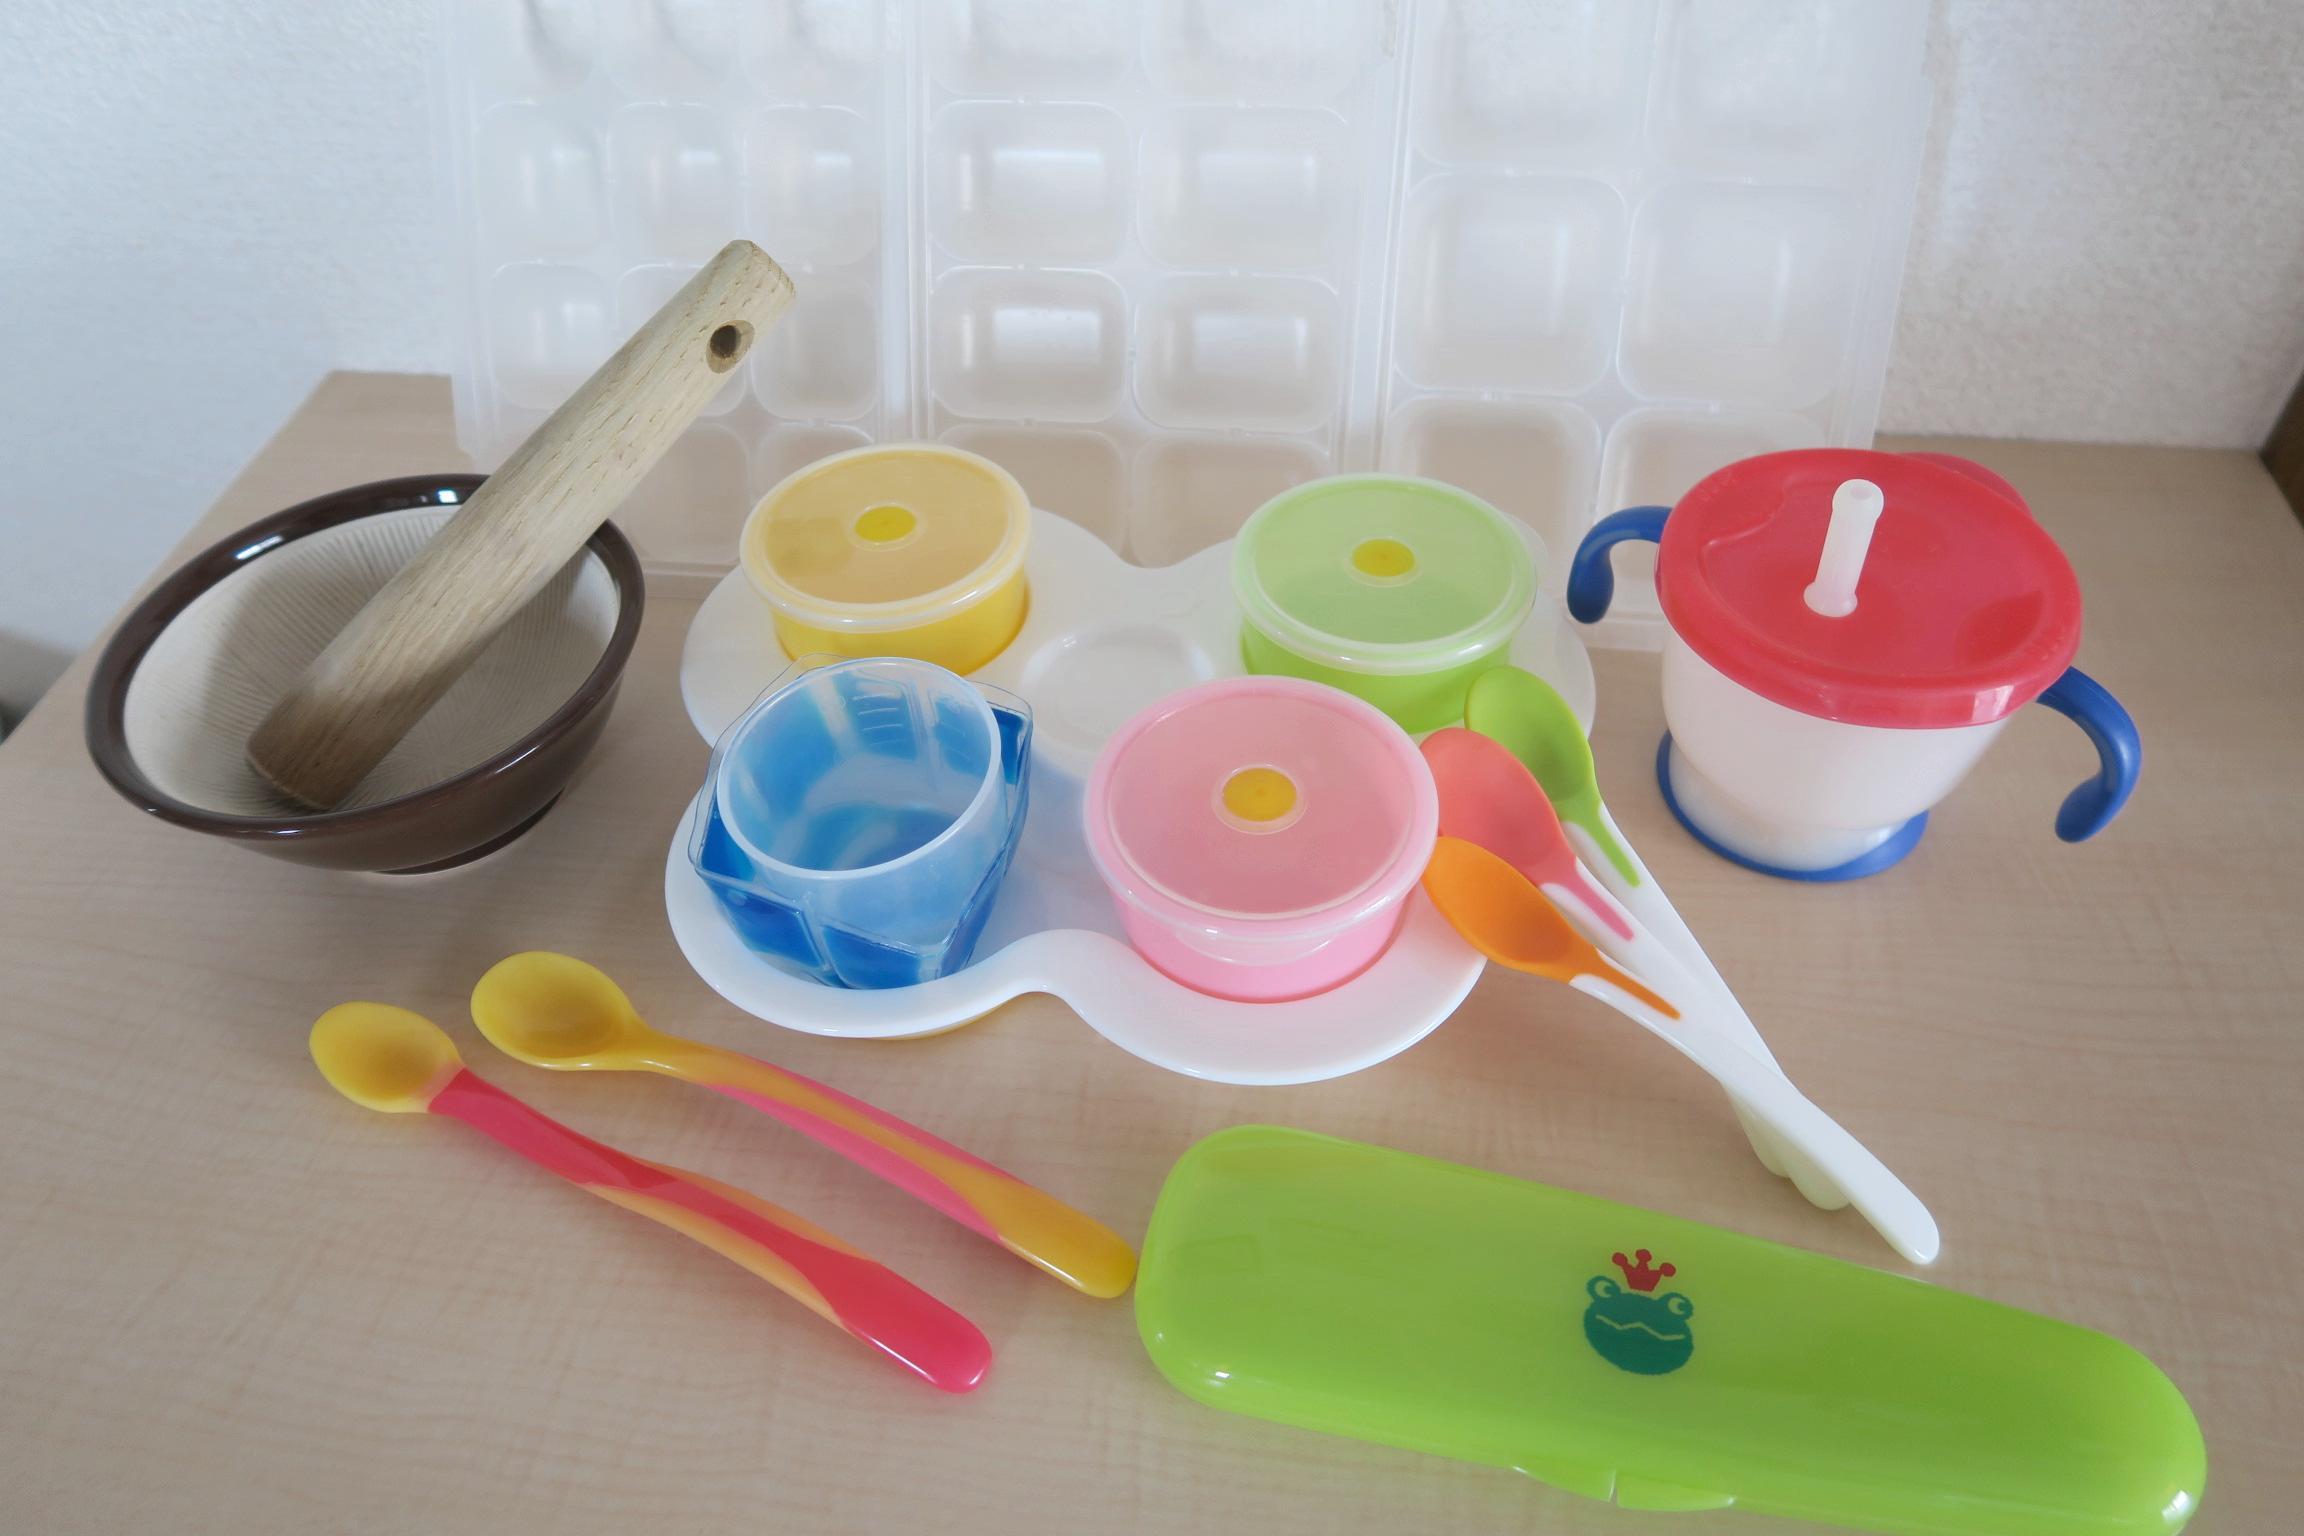 離乳食作りに必要な道具5選、これだけあればスタートできます!